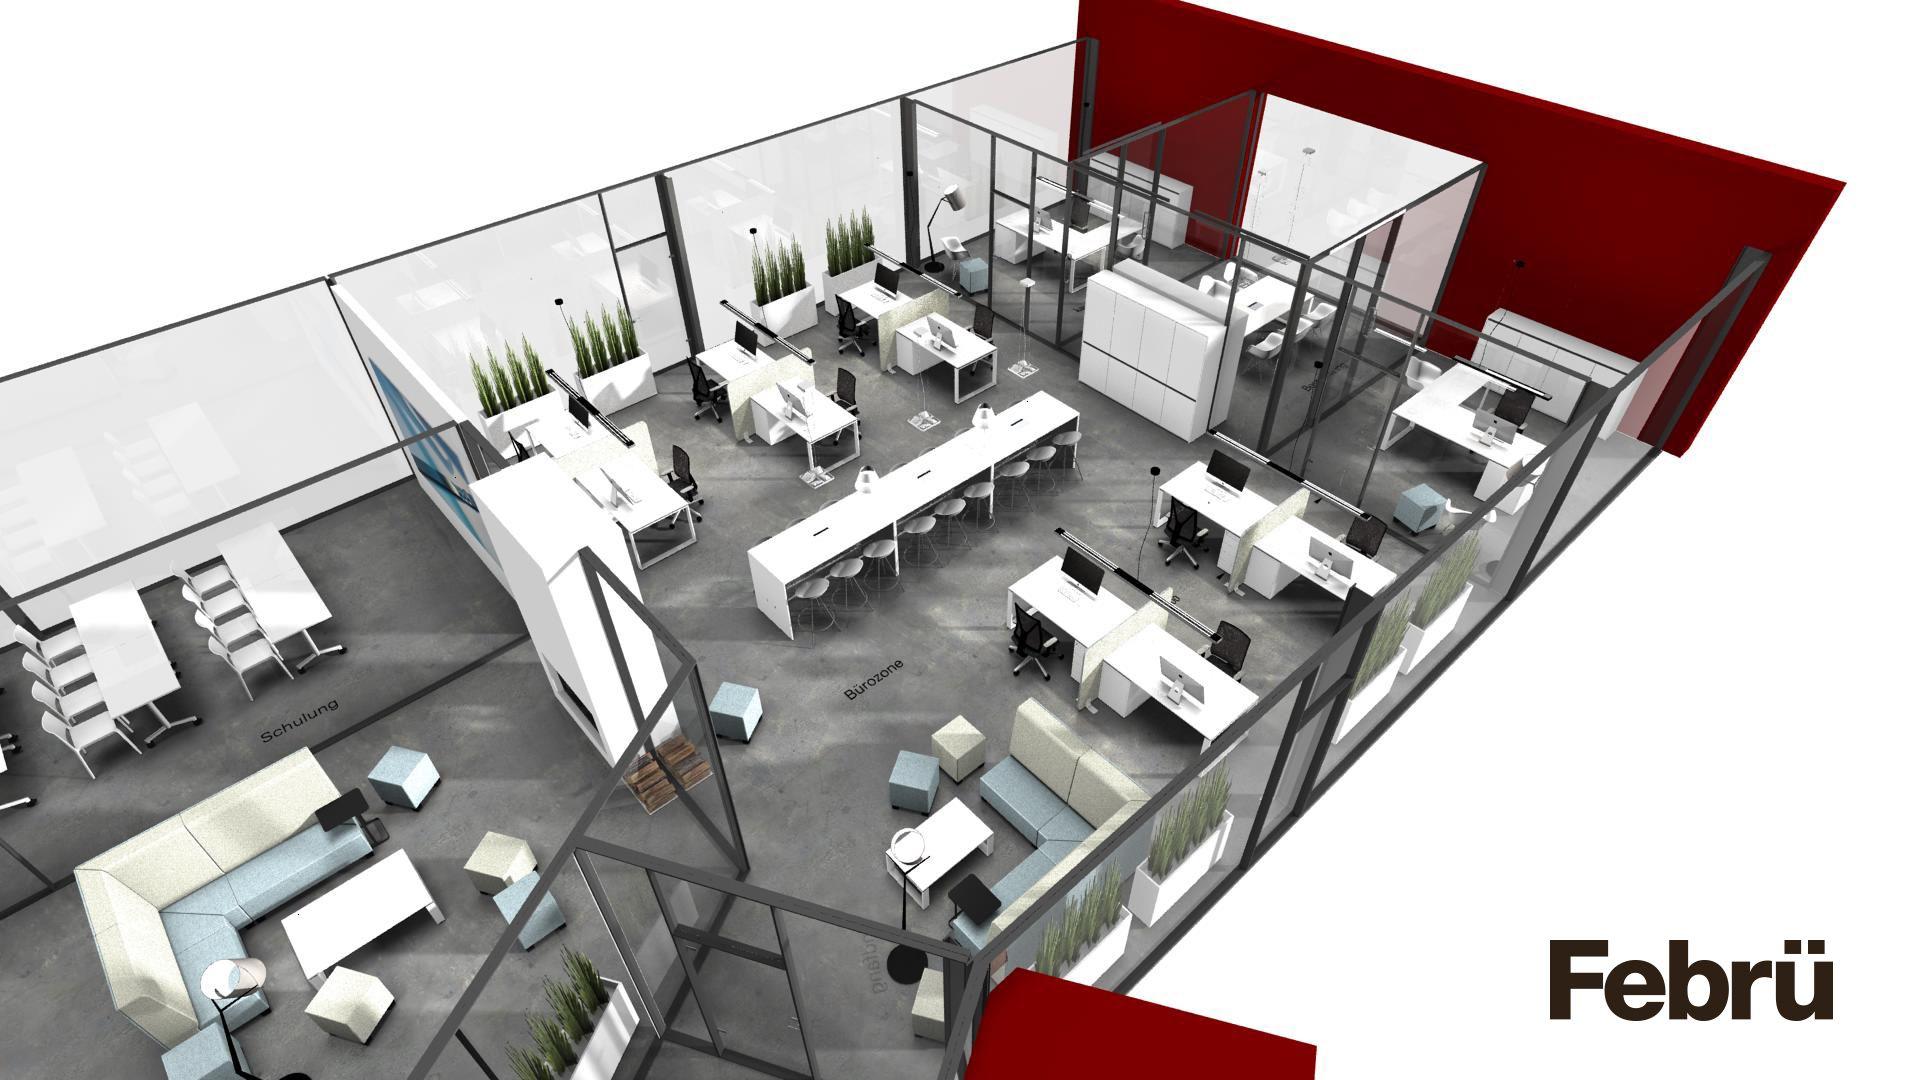 moderne burokonzepte grundriss, grundriss büro – modernes open space büro mit großzügigen, Design ideen